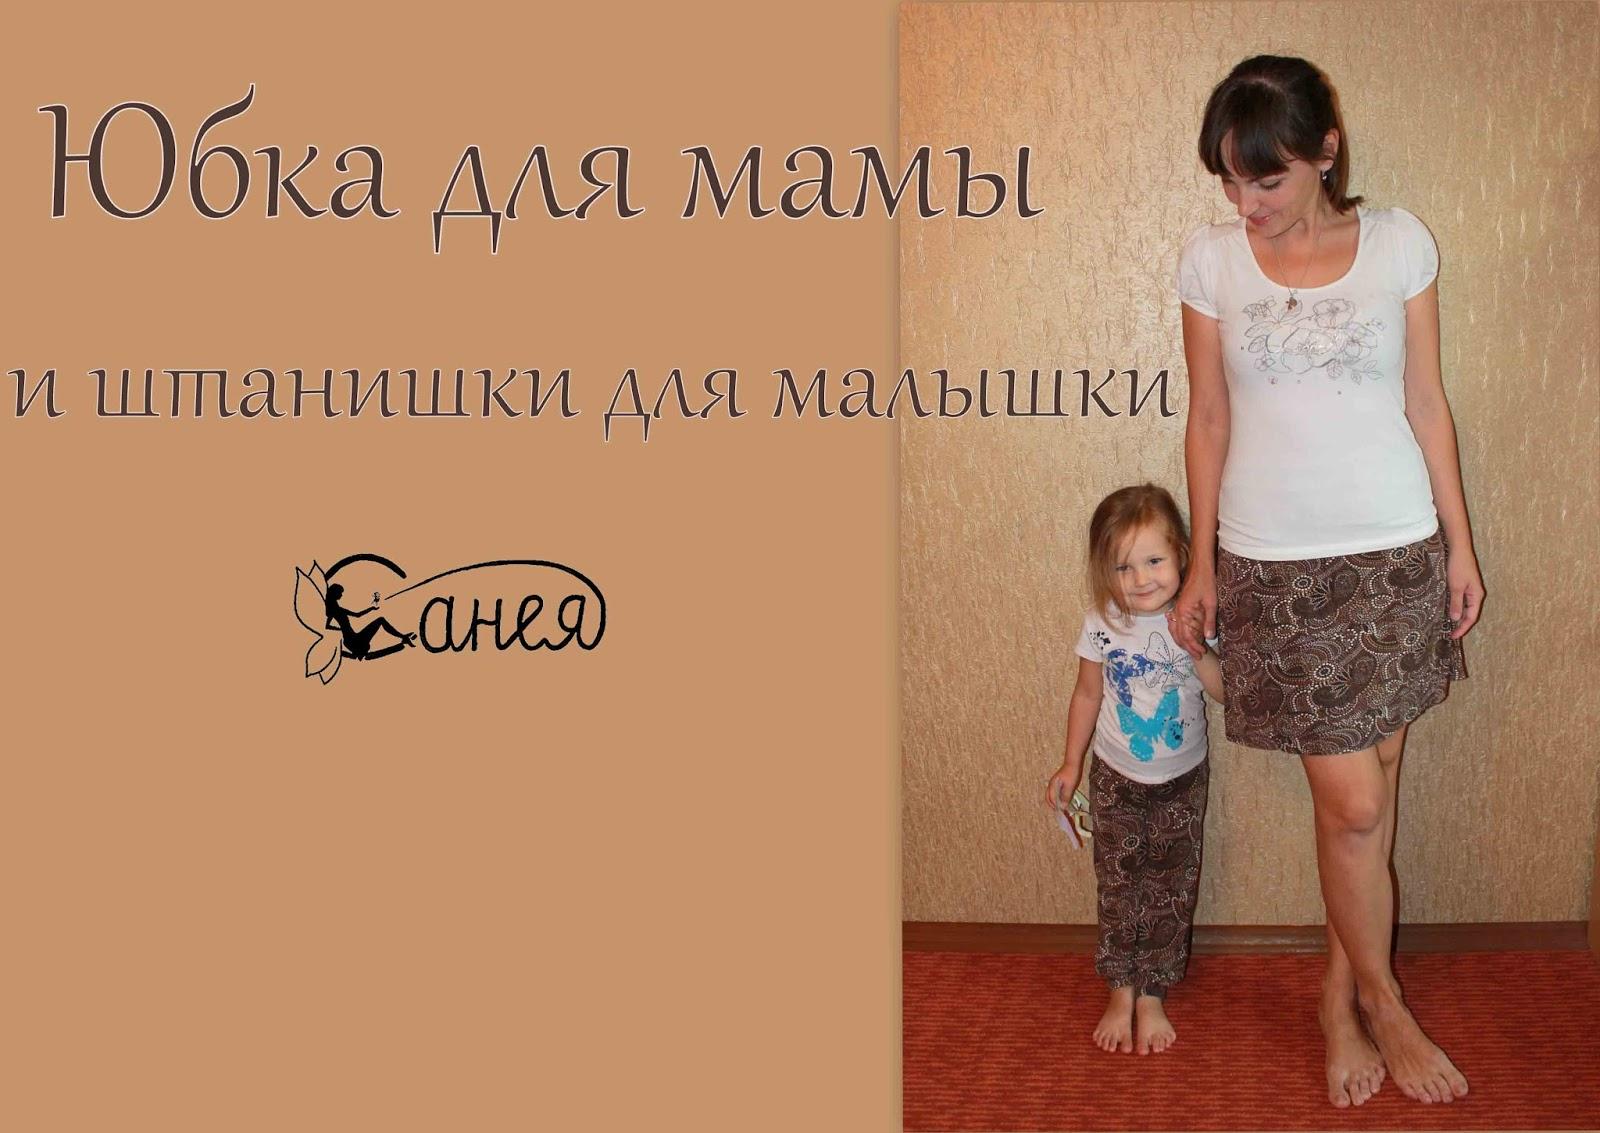 Сын под юбкой у мамы 21 фотография